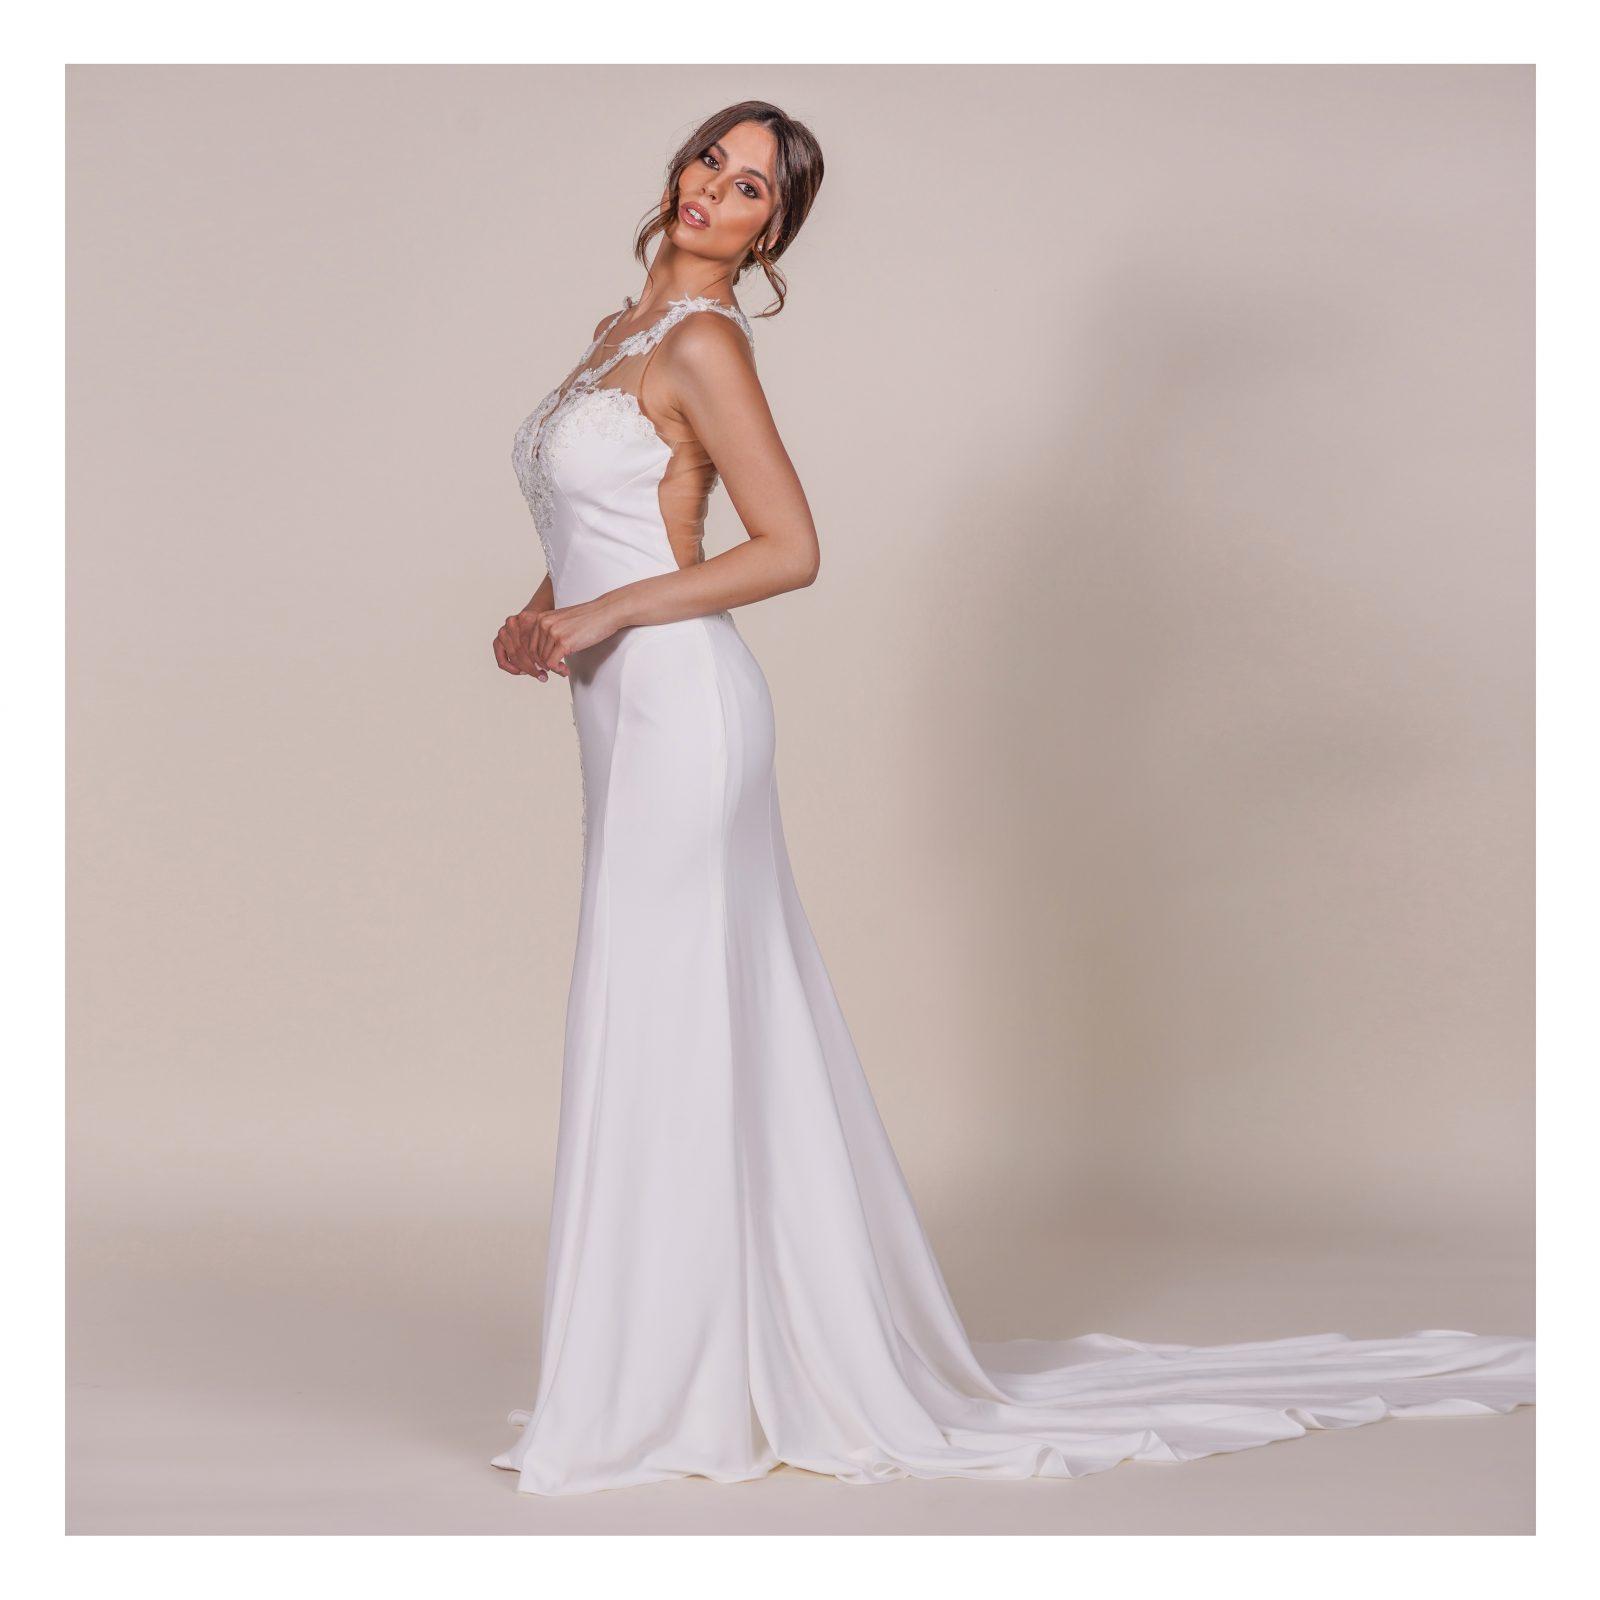 atelier la marièe, atelier la marièe volla, spose campania, atelier la marièe abiti e accessori sposa, wedding campania